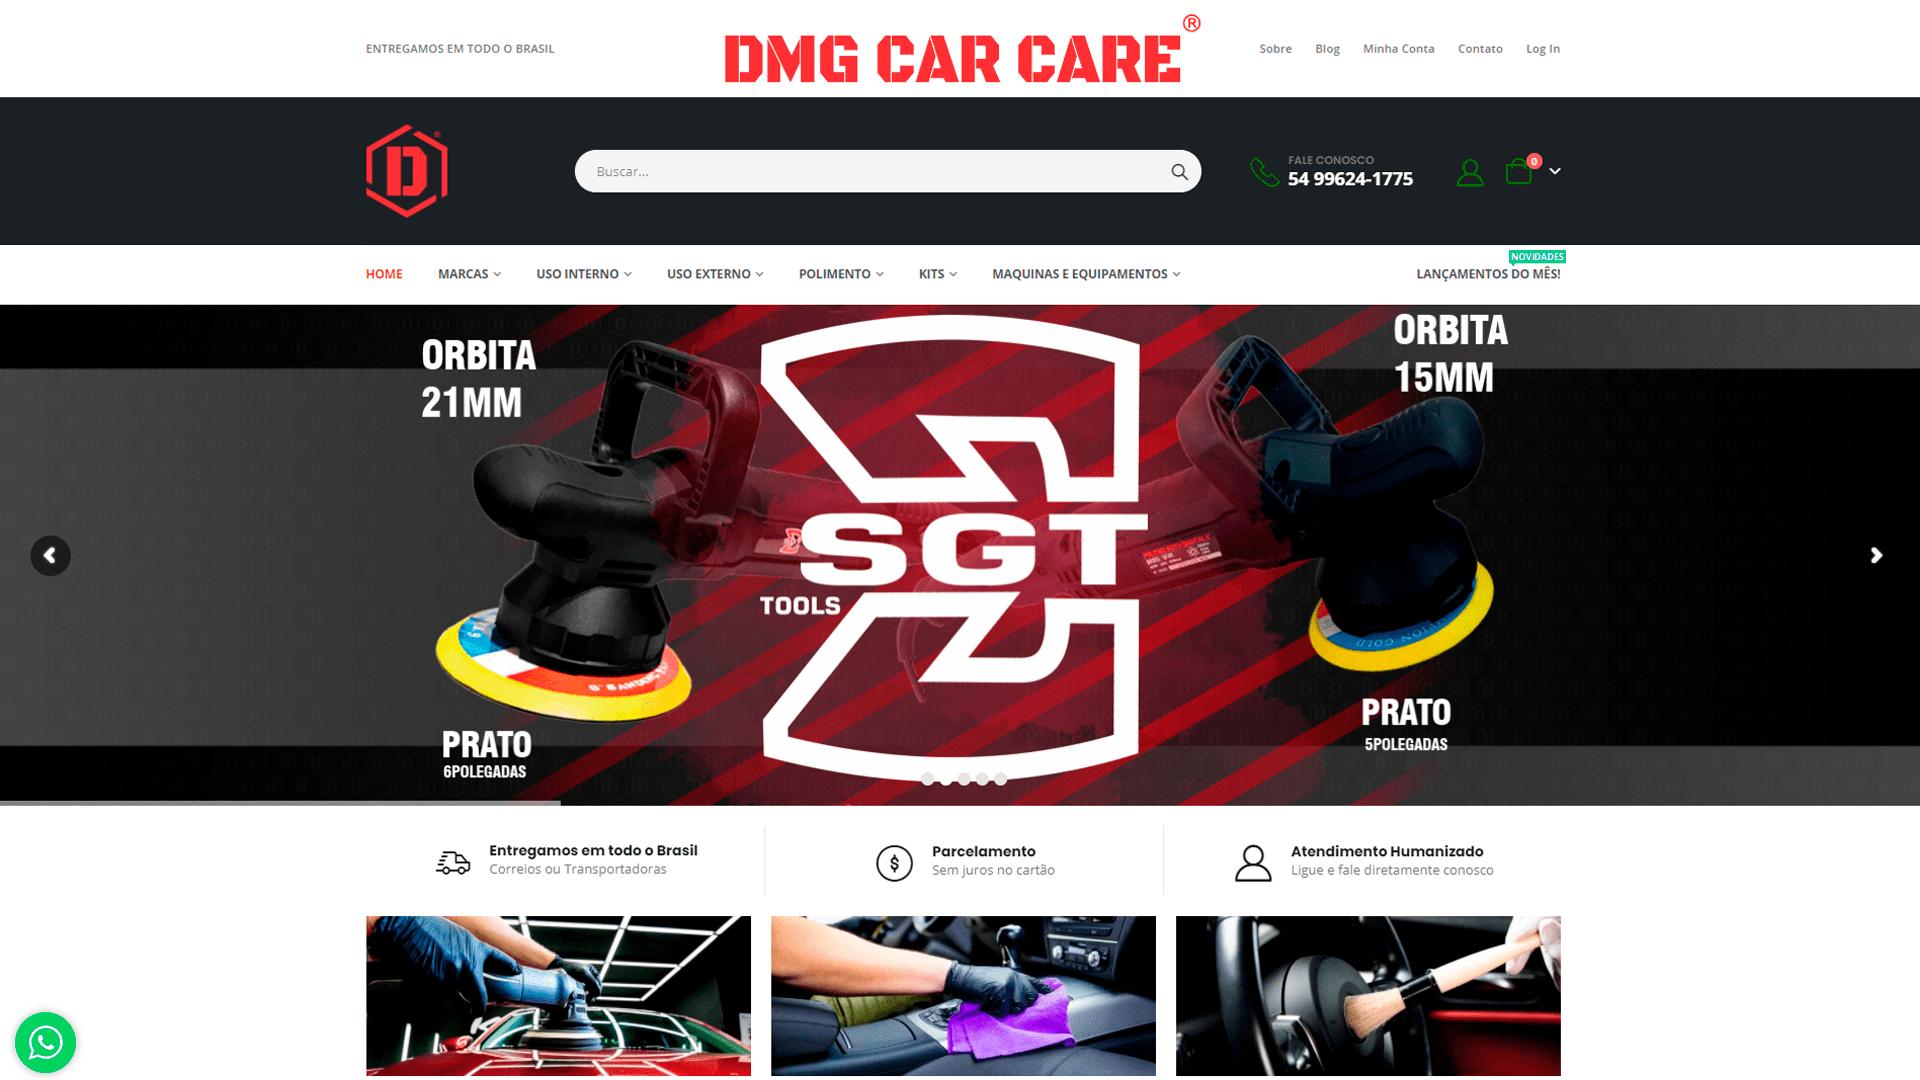 https://www.6i.com.br/case/dmg-car-care/